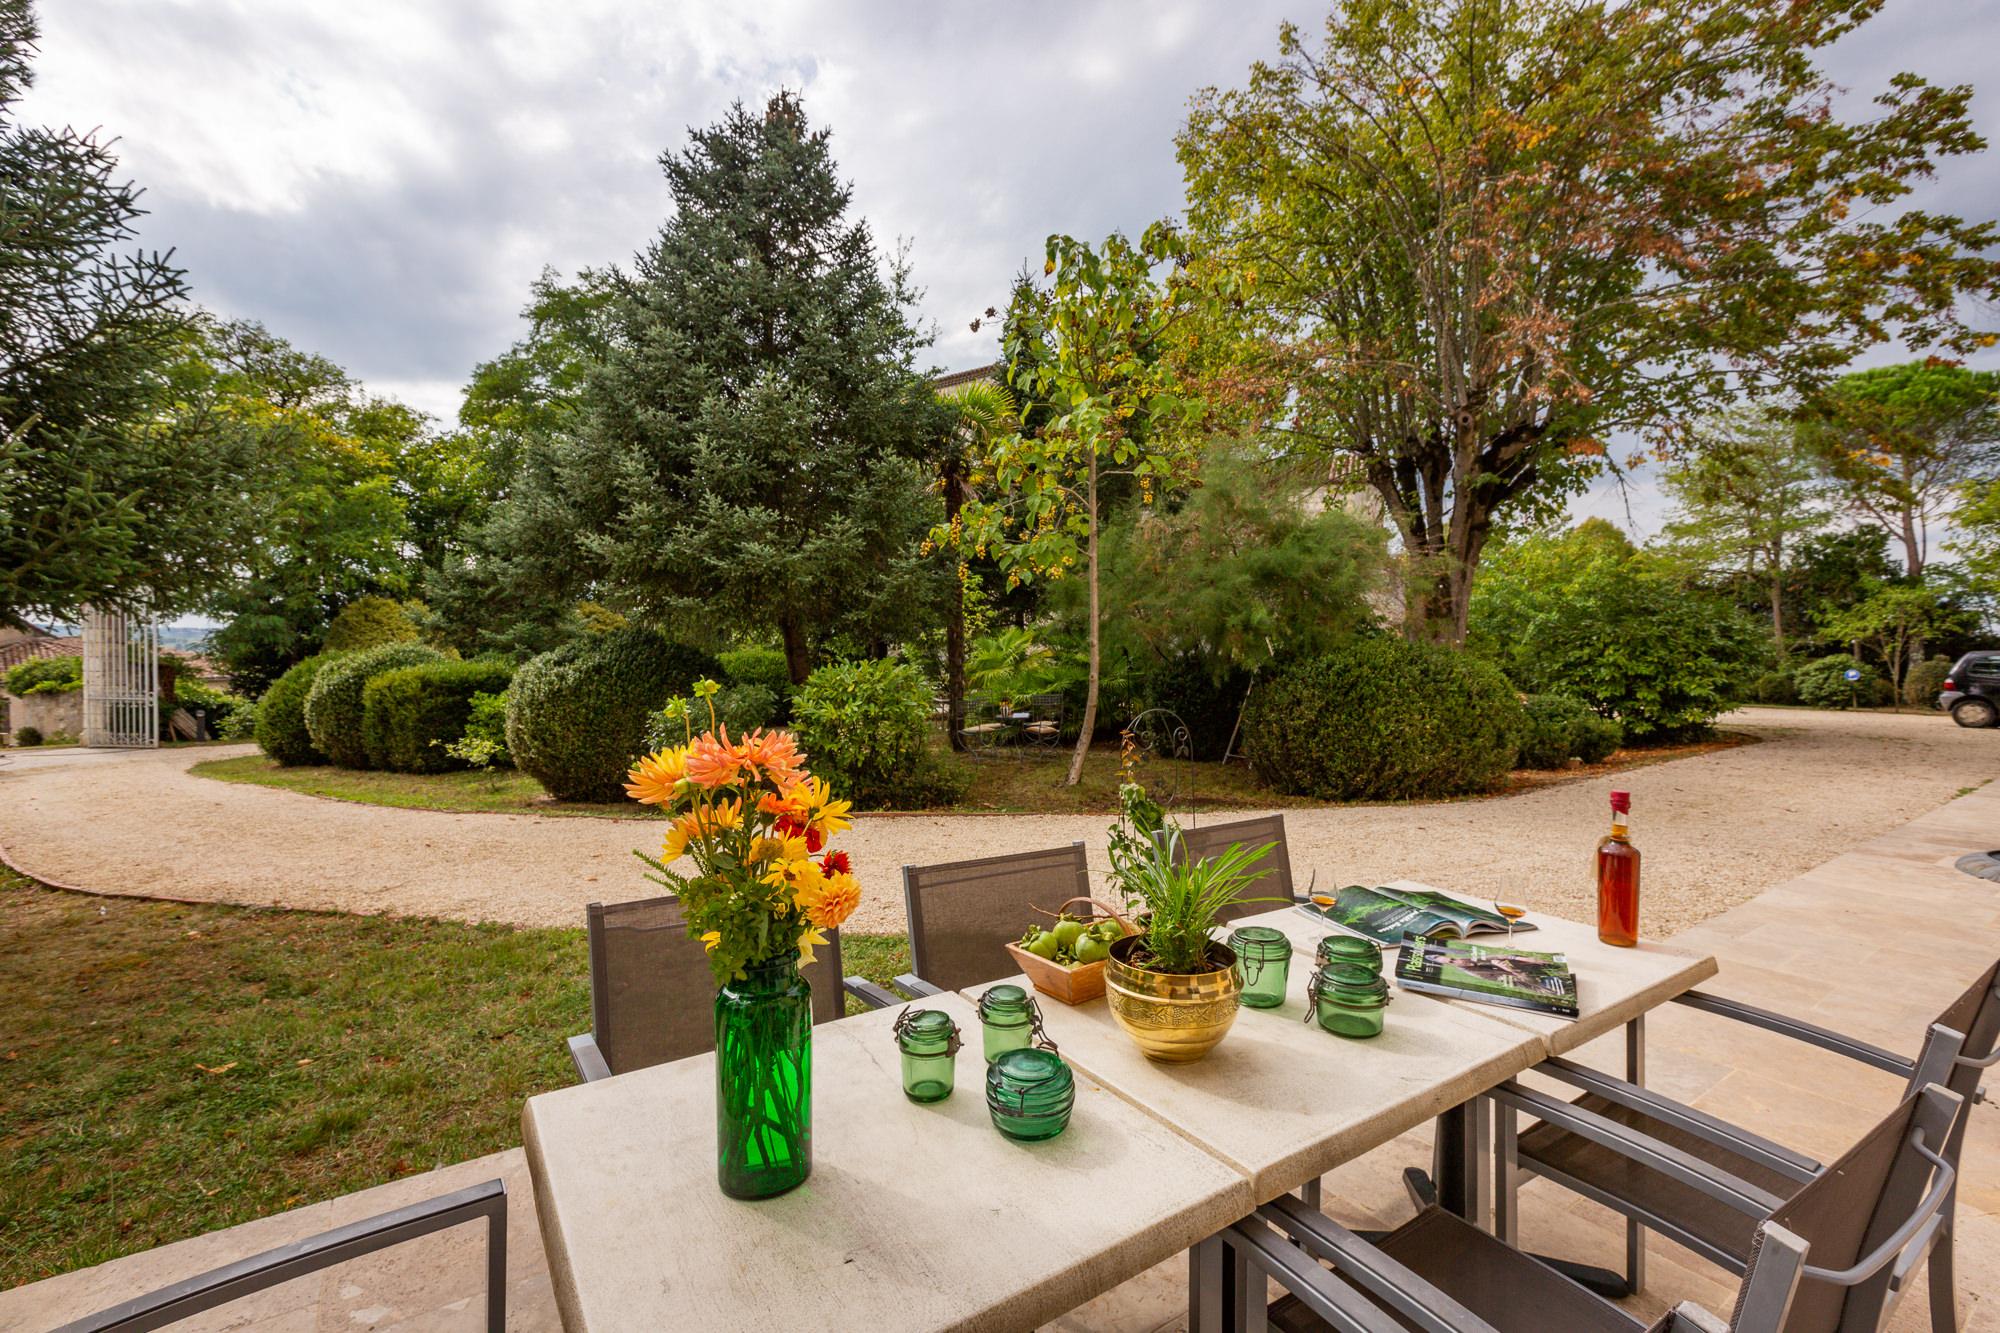 Séjour Vacances luxe gers maison de famille - Castel Pierre Lagraulet du Gers